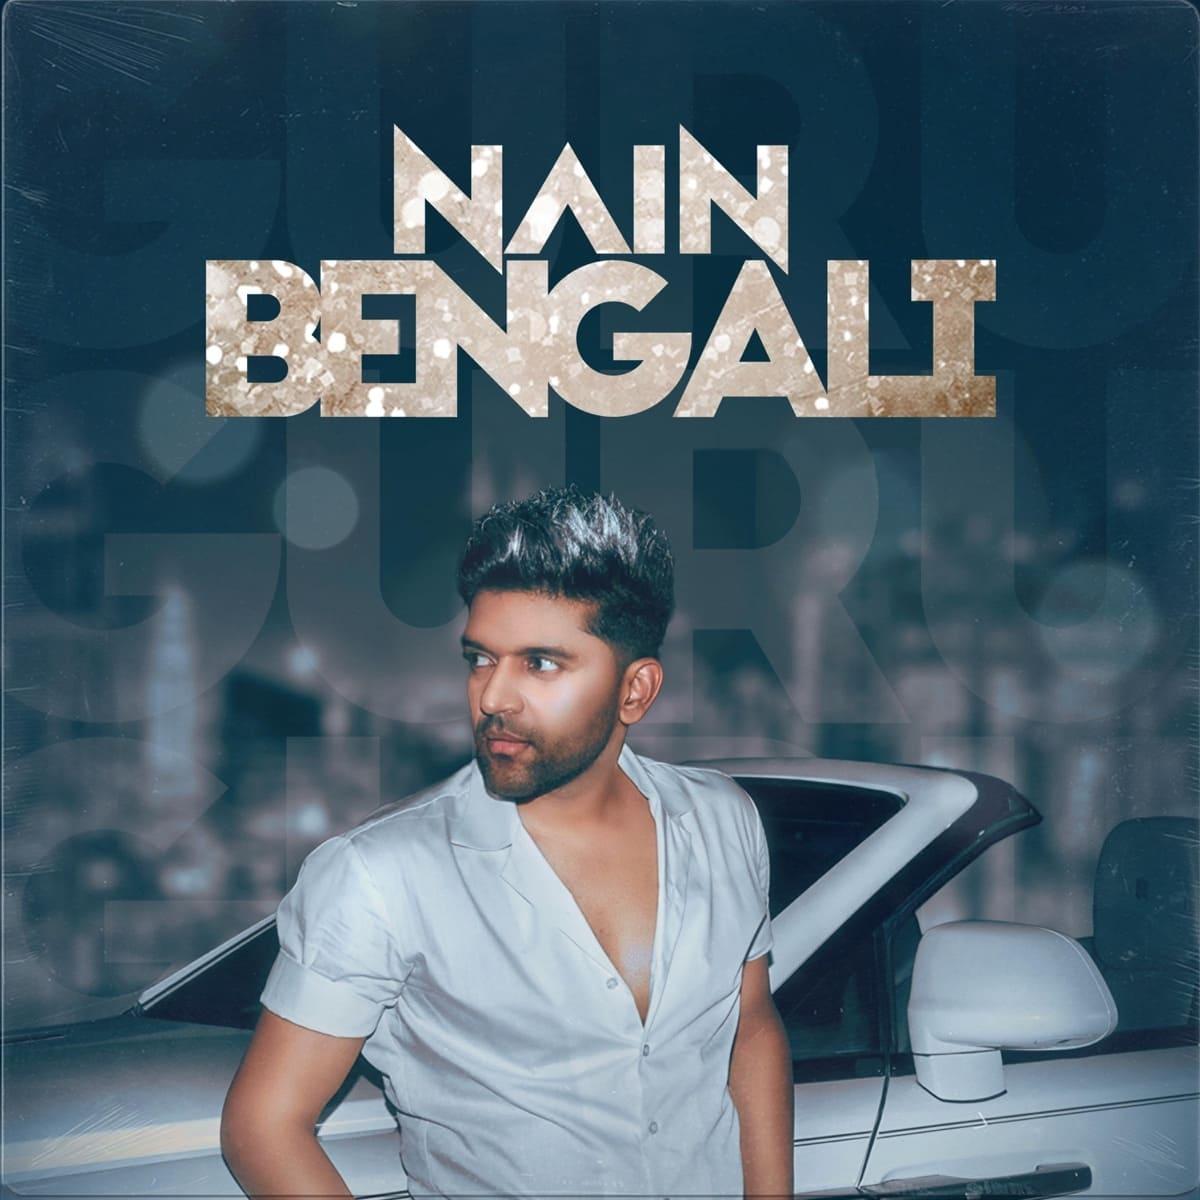 Nain Bengali Guru Randhawa Mp3 Song Download 320kbps Free